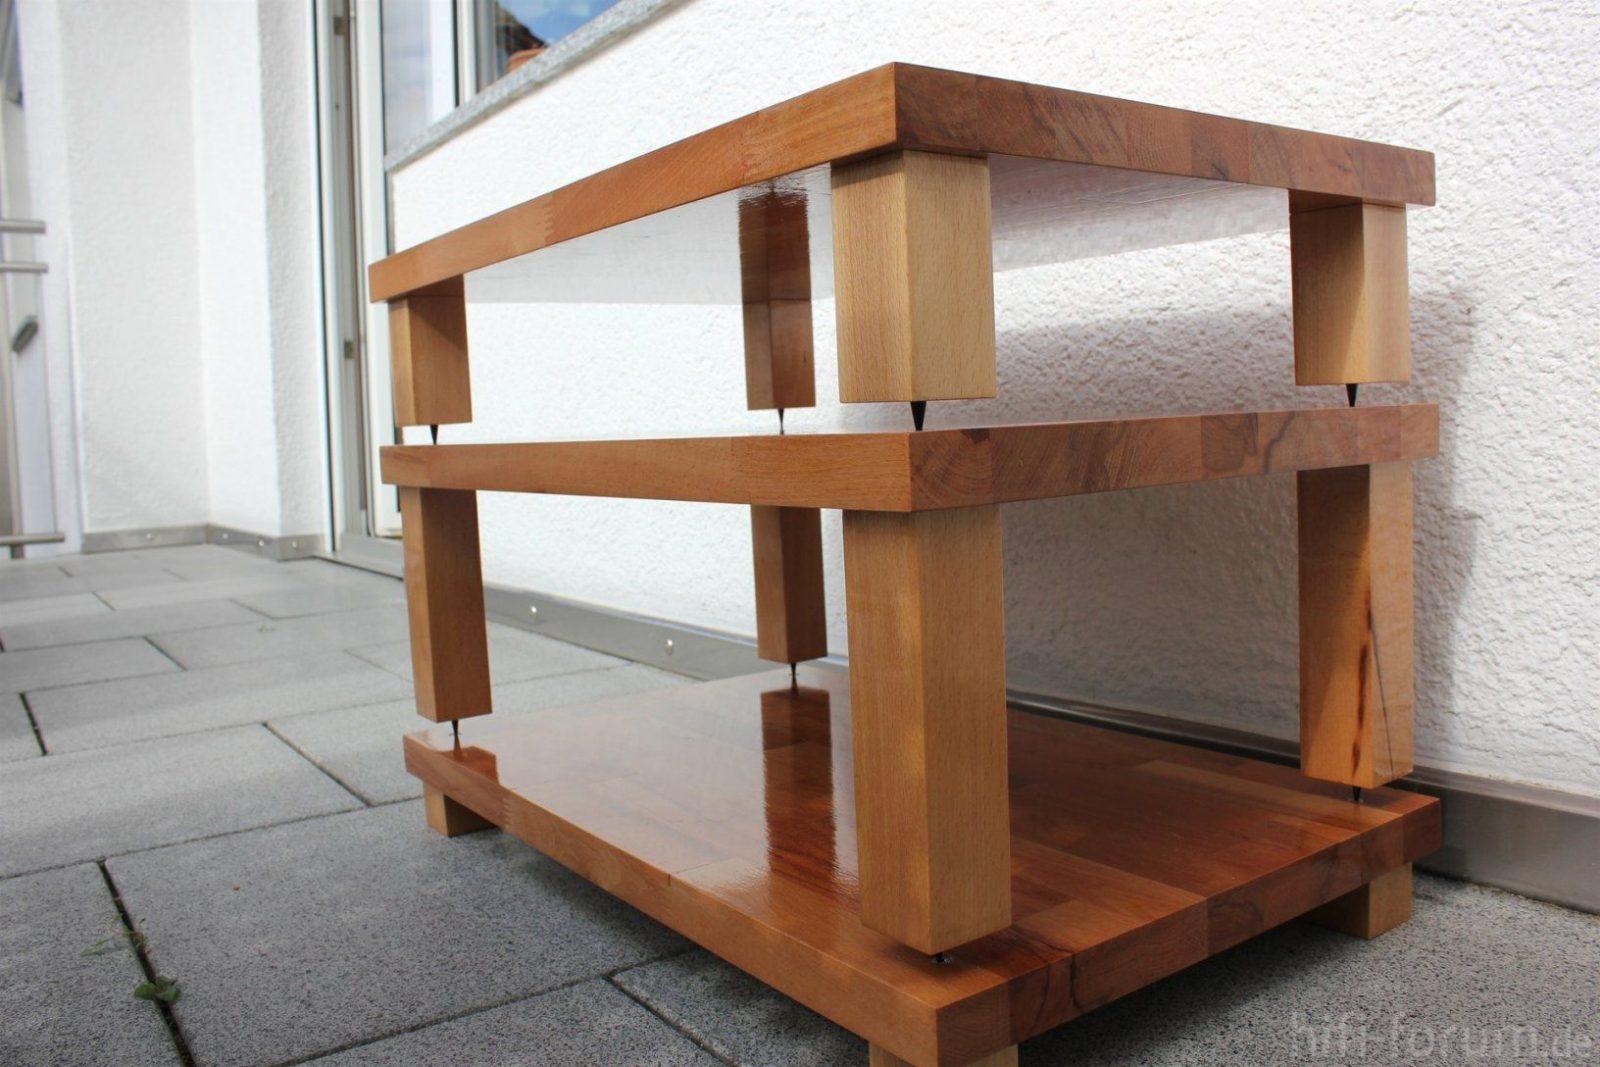 Hifi Möbel Selber Bauen Mit Zusätzlichen Frisch Haus Stile von Hifi Möbel Selber Bauen Bild